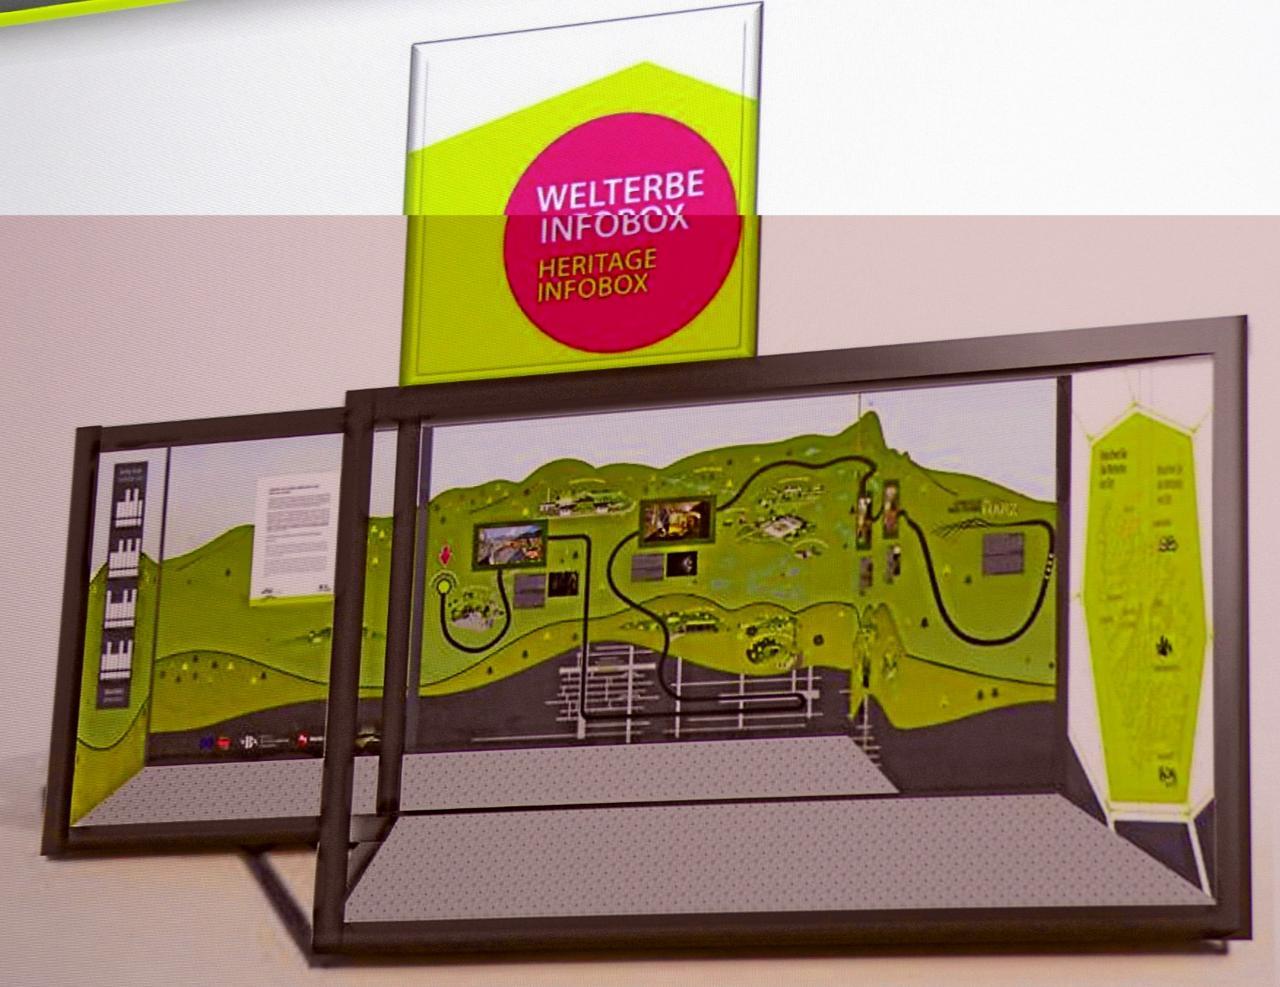 Infozentrum stellt Goslarer Welterbe vor